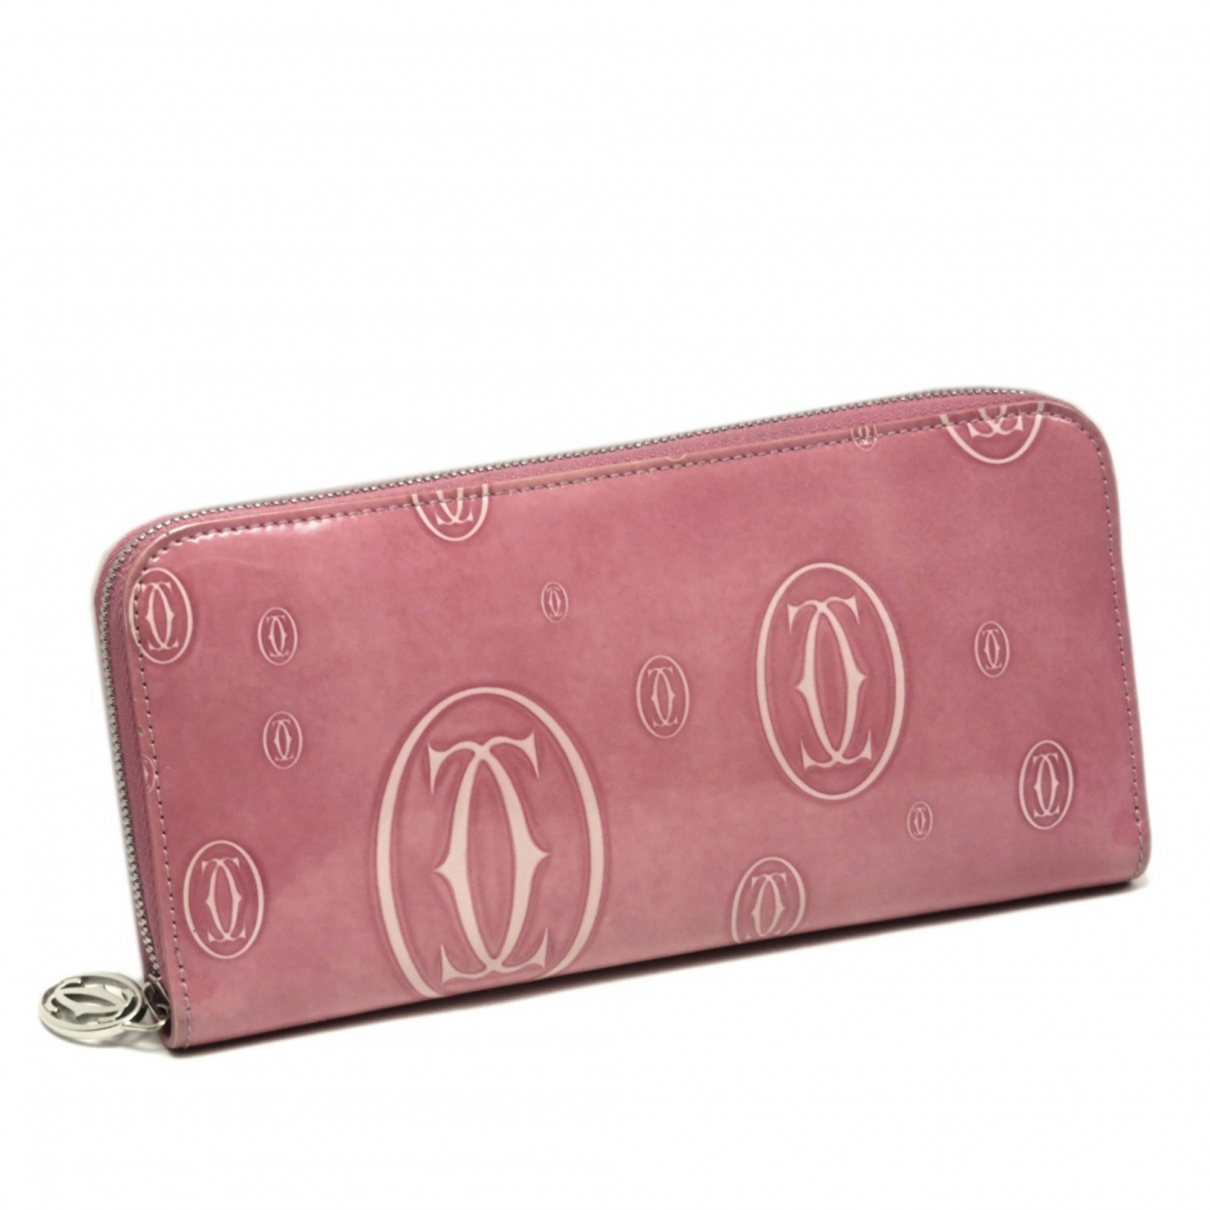 Cartier - Portefeuille   pour femme en cuir - rose